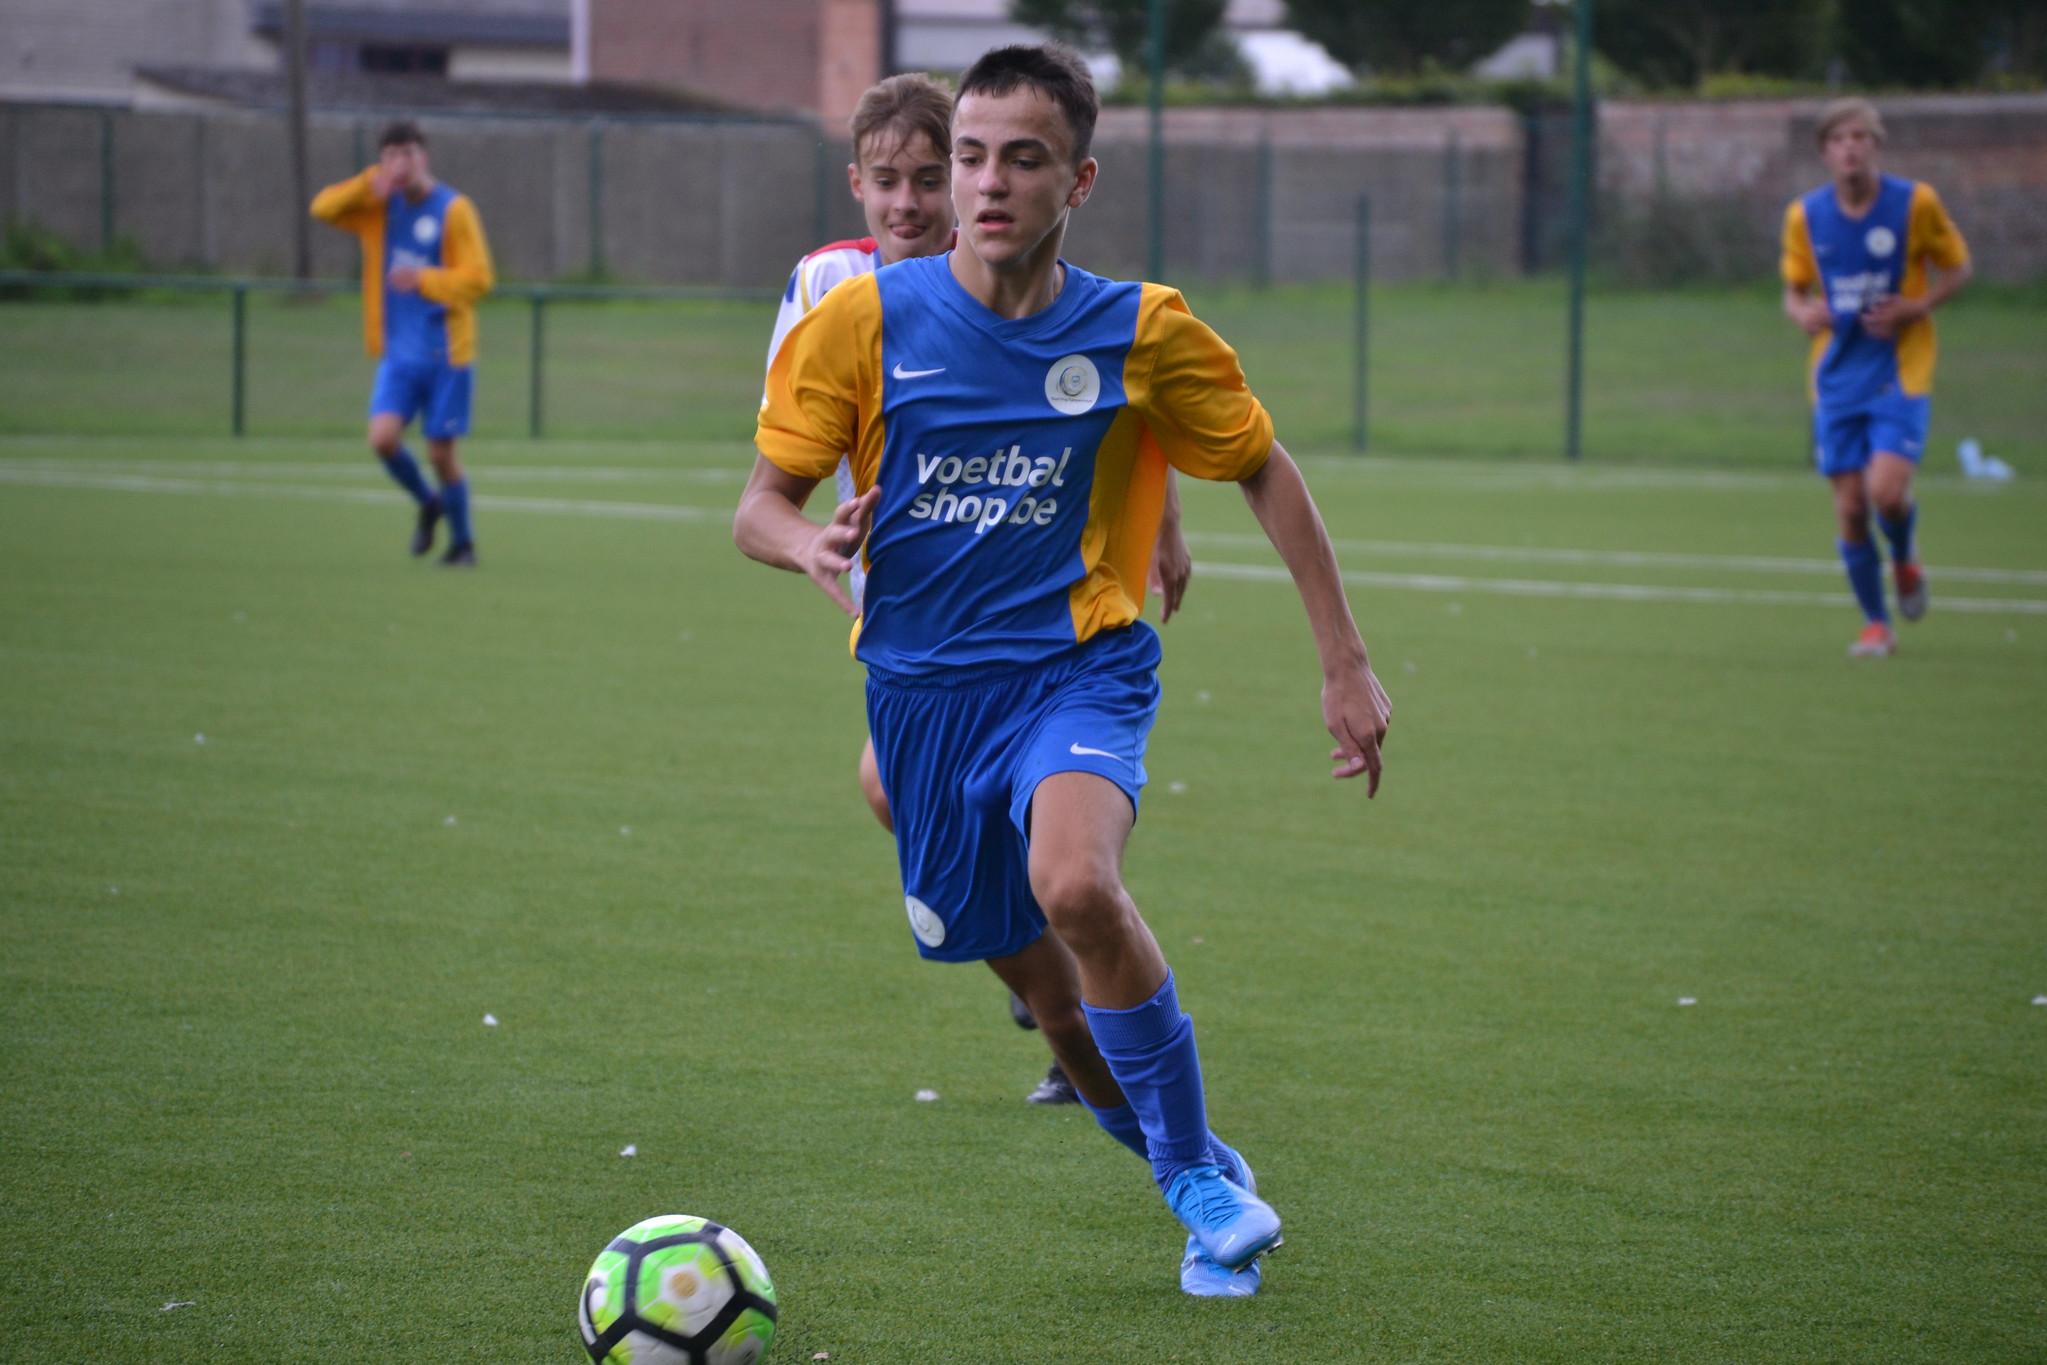 U17 - 31/08/2019 - Sporting Kampenhout - K. Hoger Op Wolvertem Merchtem